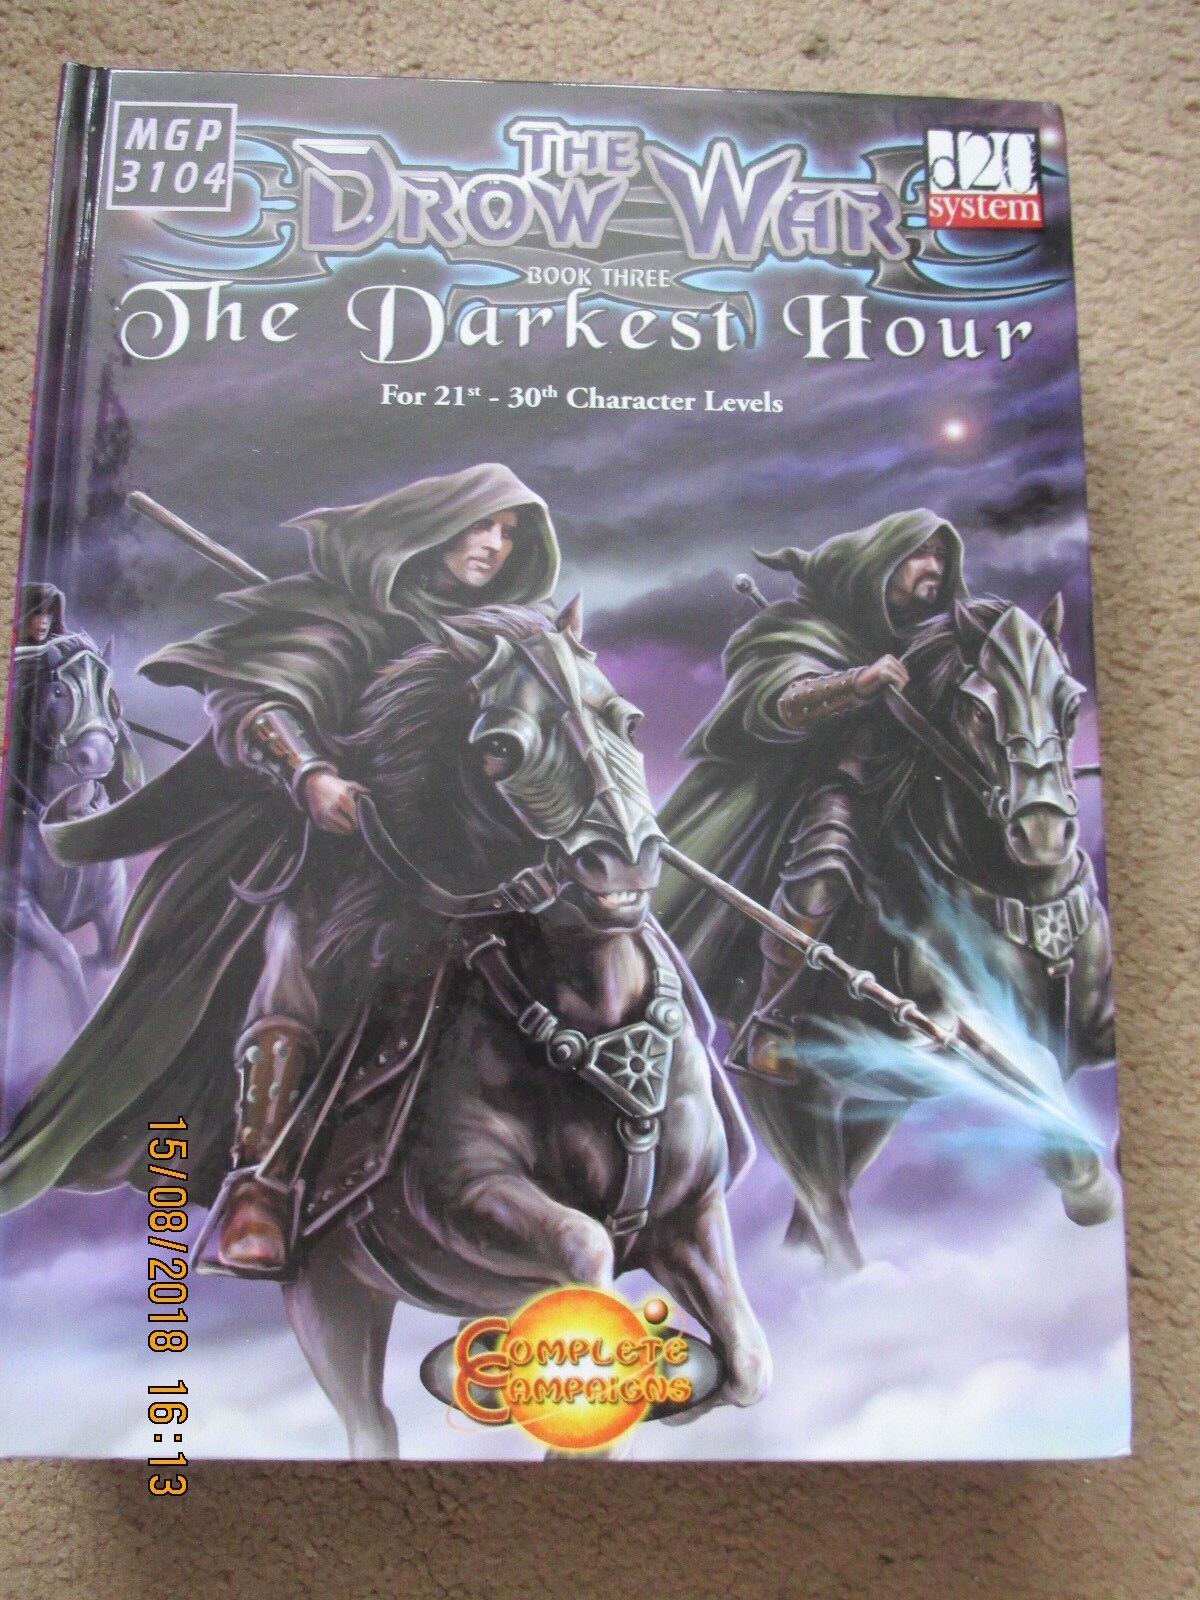 MGP la guerra Drow todos los tres libros de nivel de 1ST a 30TH D20 3E 3.5E D&D HB HC RPG en muy buena condición